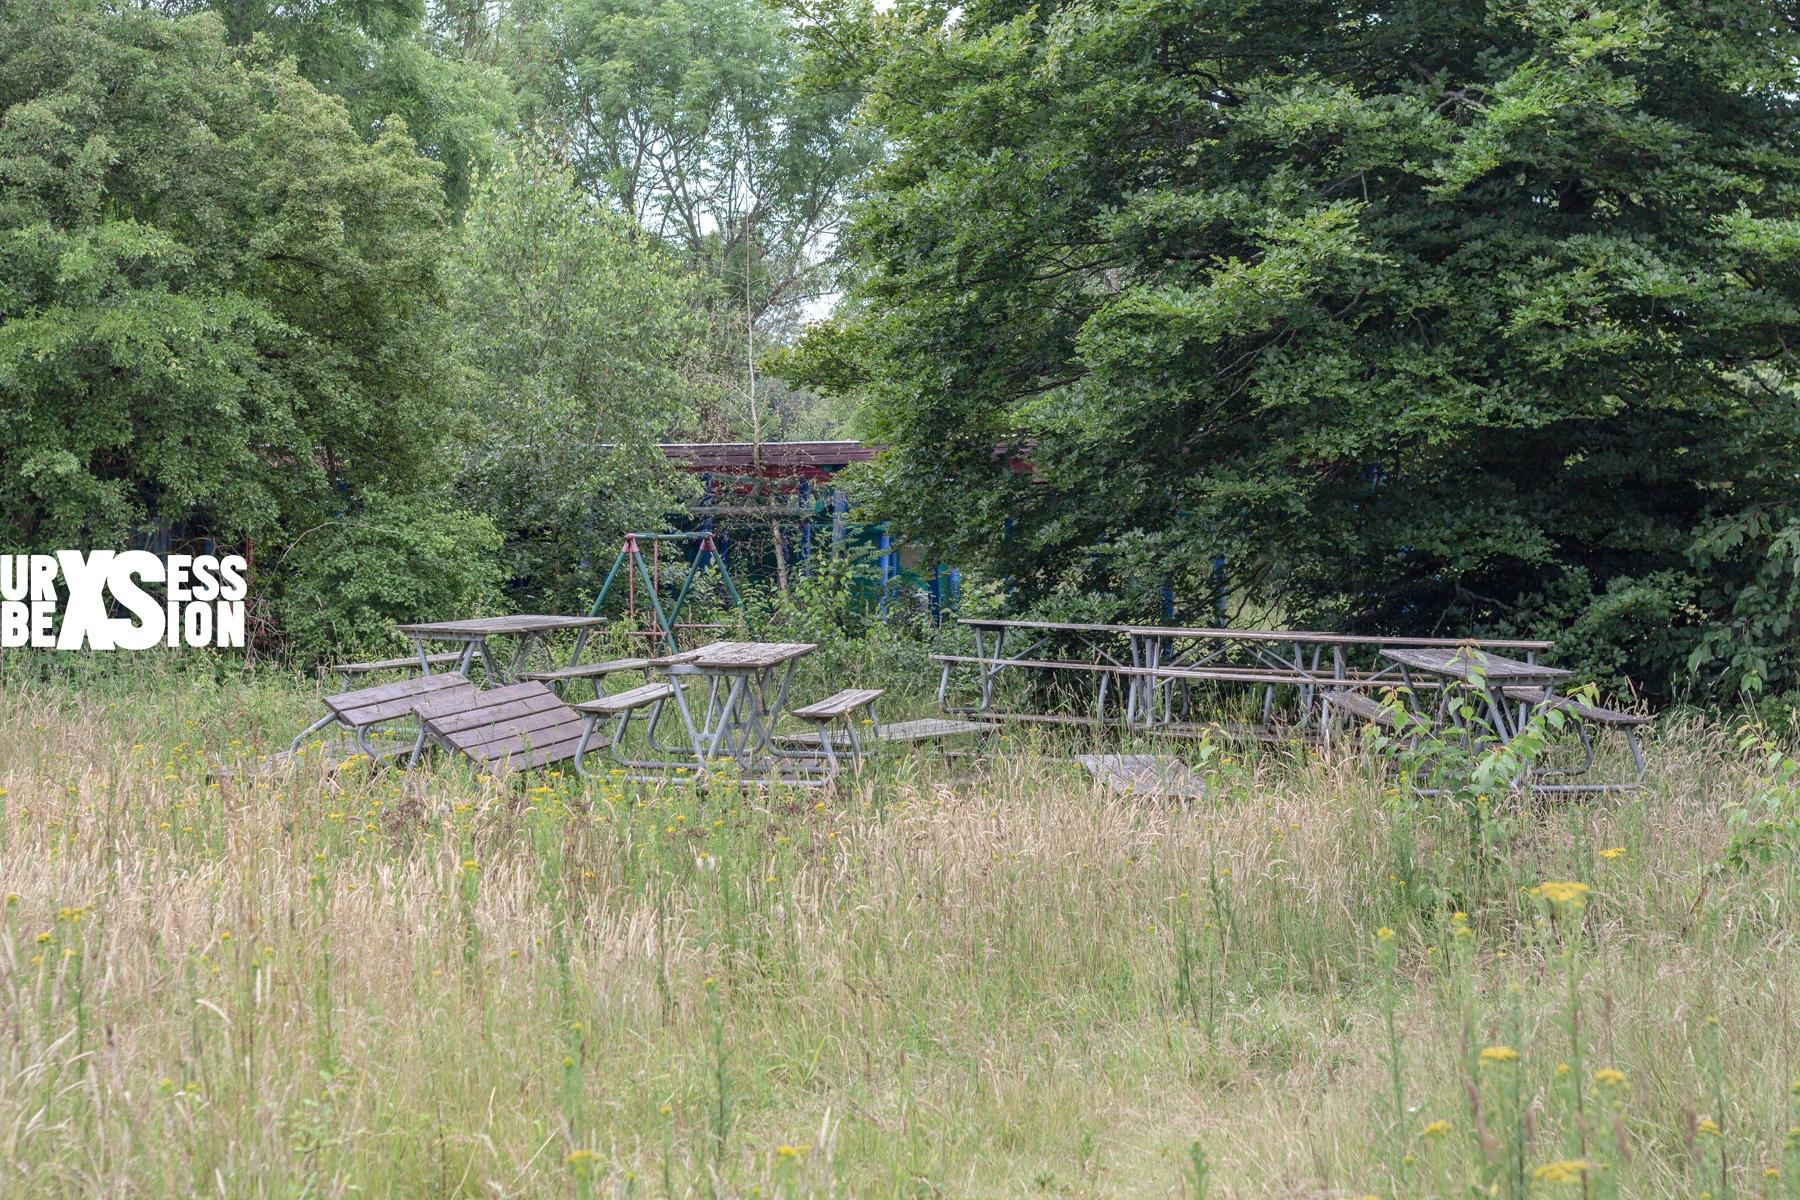 Parc aquatique abandonné au Danemark | urbexsession.com/parc-aquatique-wayne-lo | Urbex Danemark